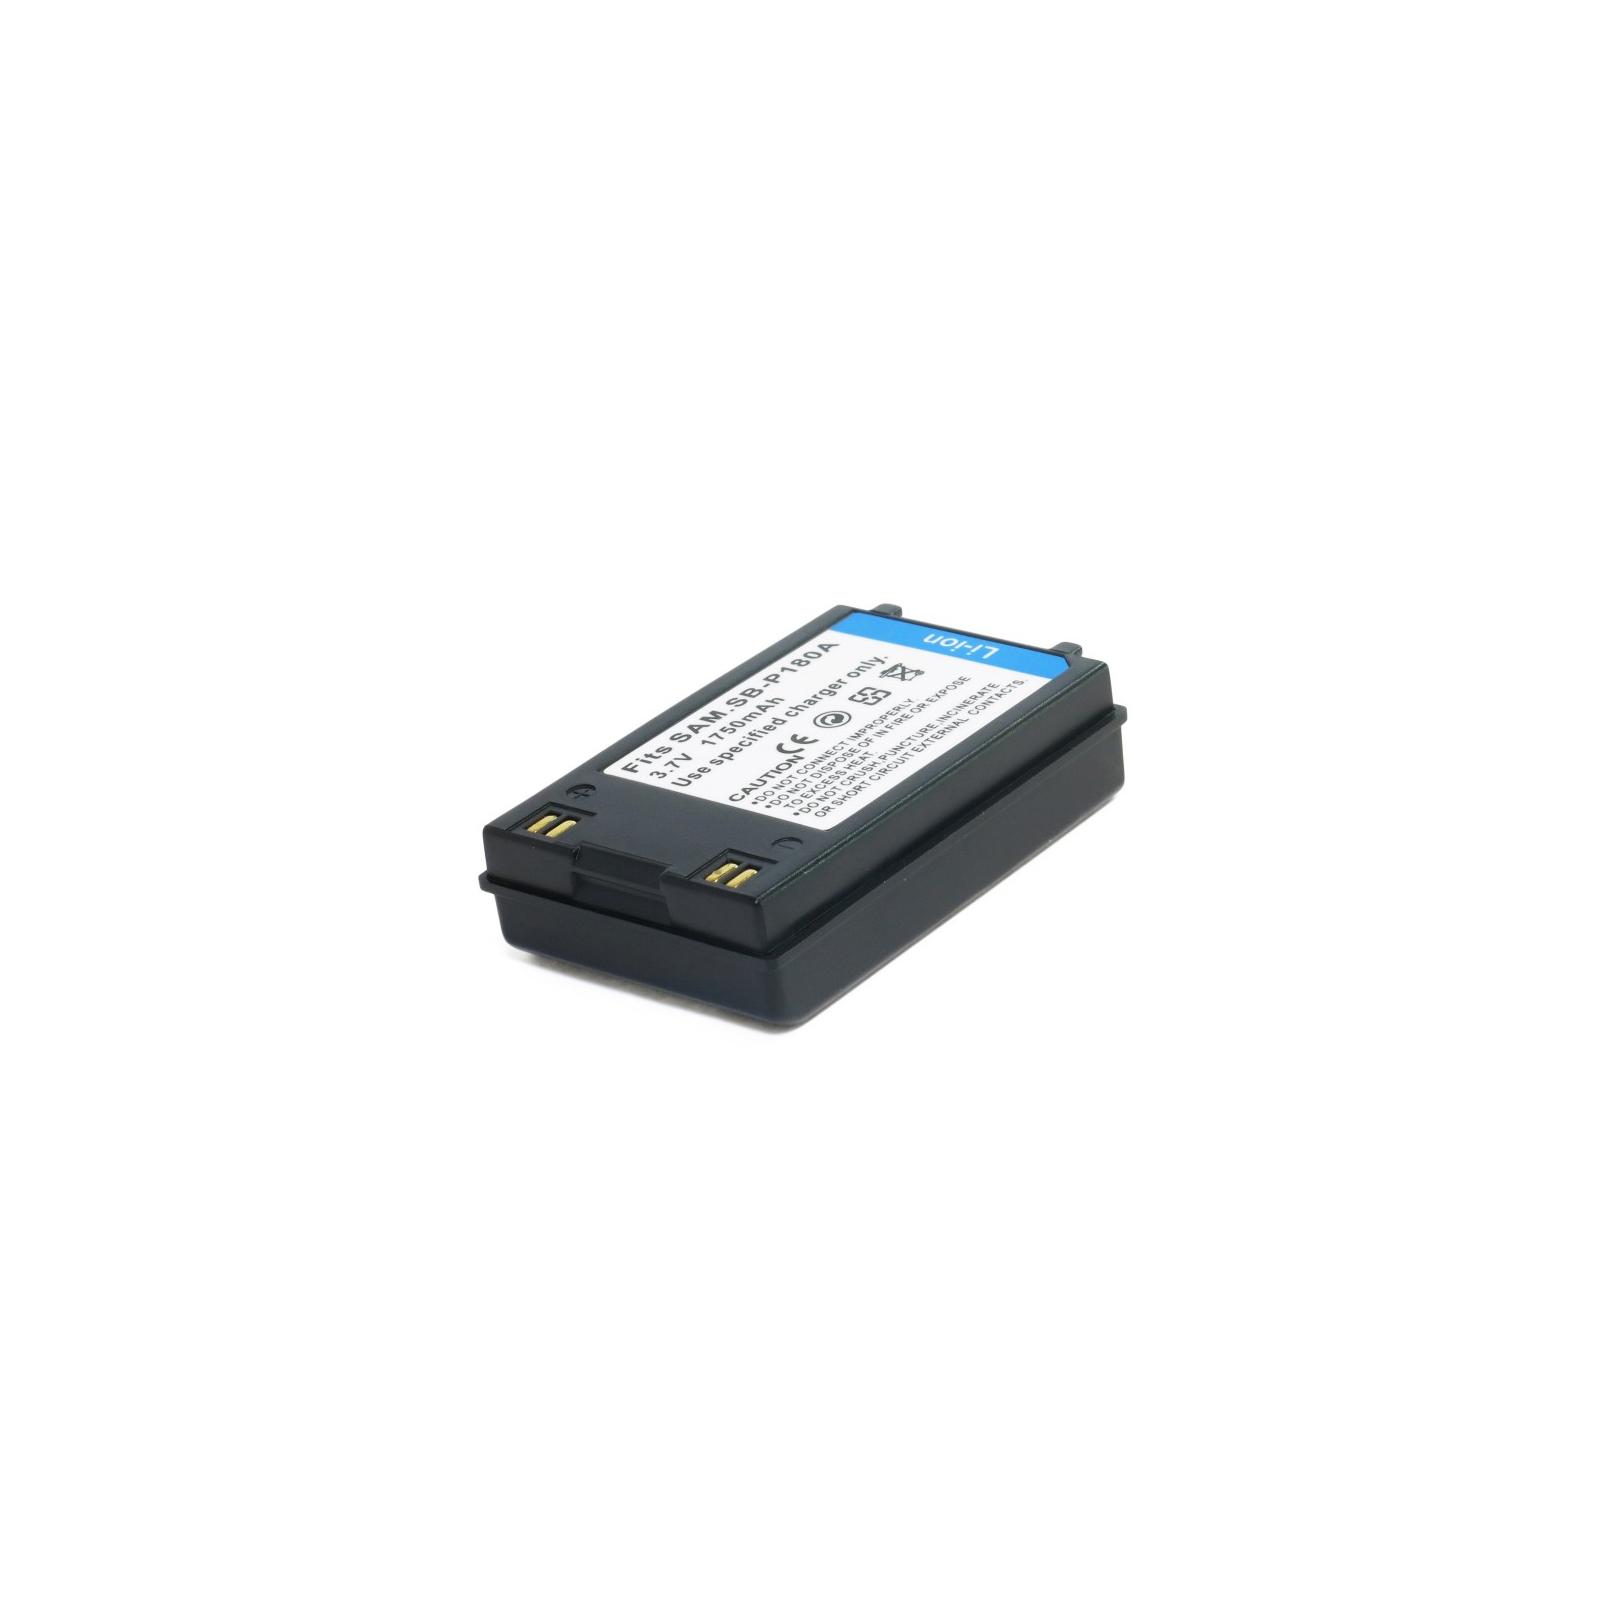 Аккумулятор к фото/видео EXTRADIGITAL Samsung SB-P180A (DV00DV1237) изображение 3